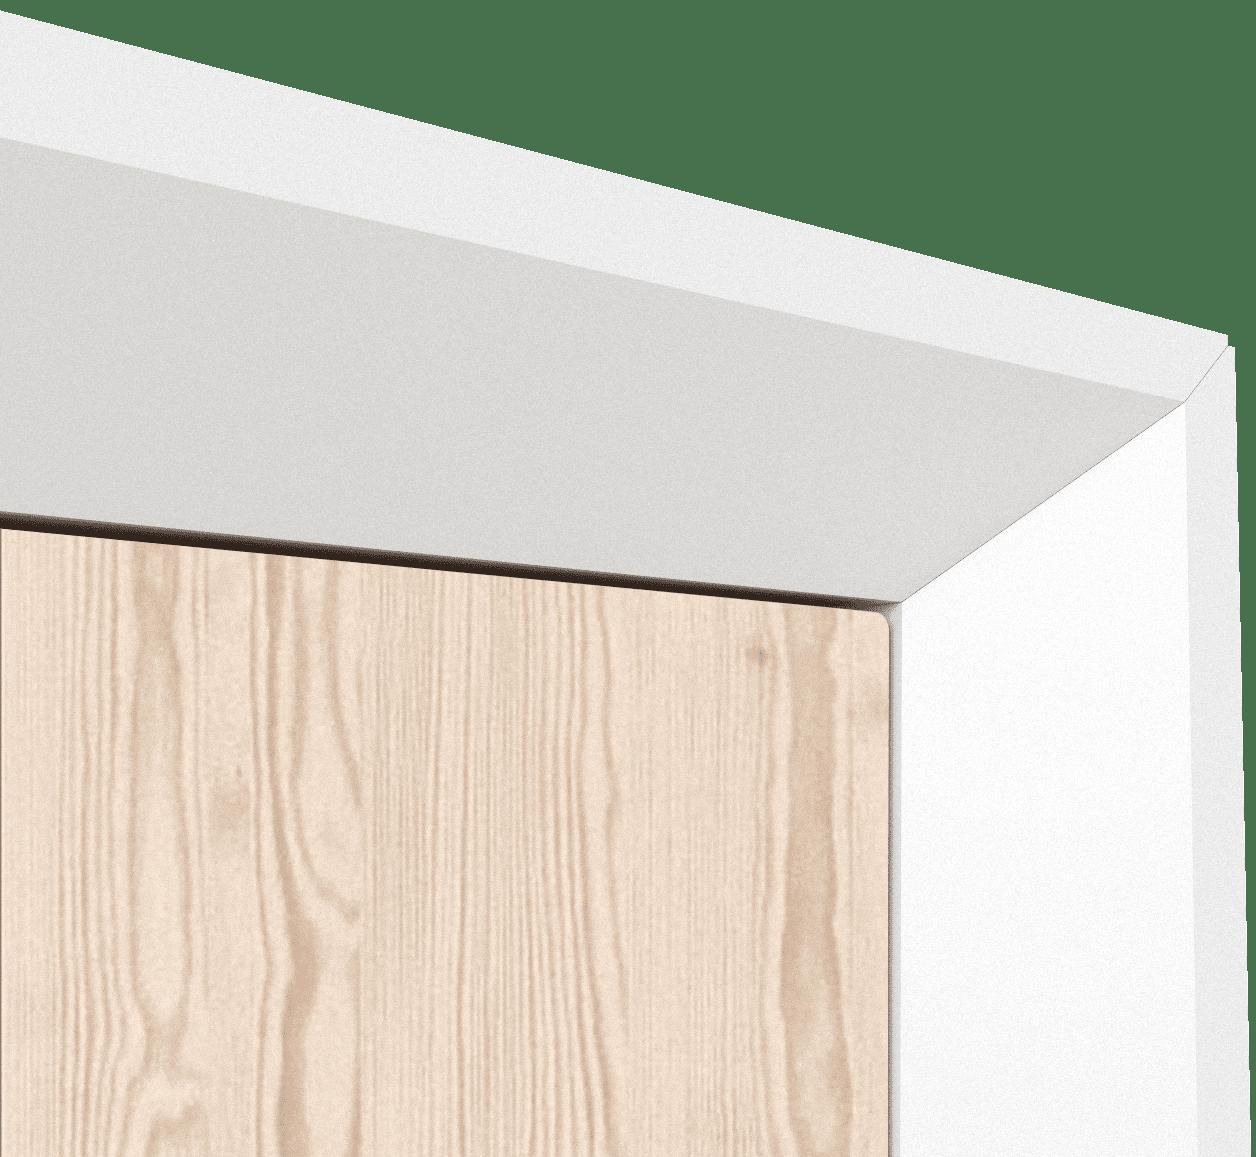 Сложные стыки панелей под углом 45°